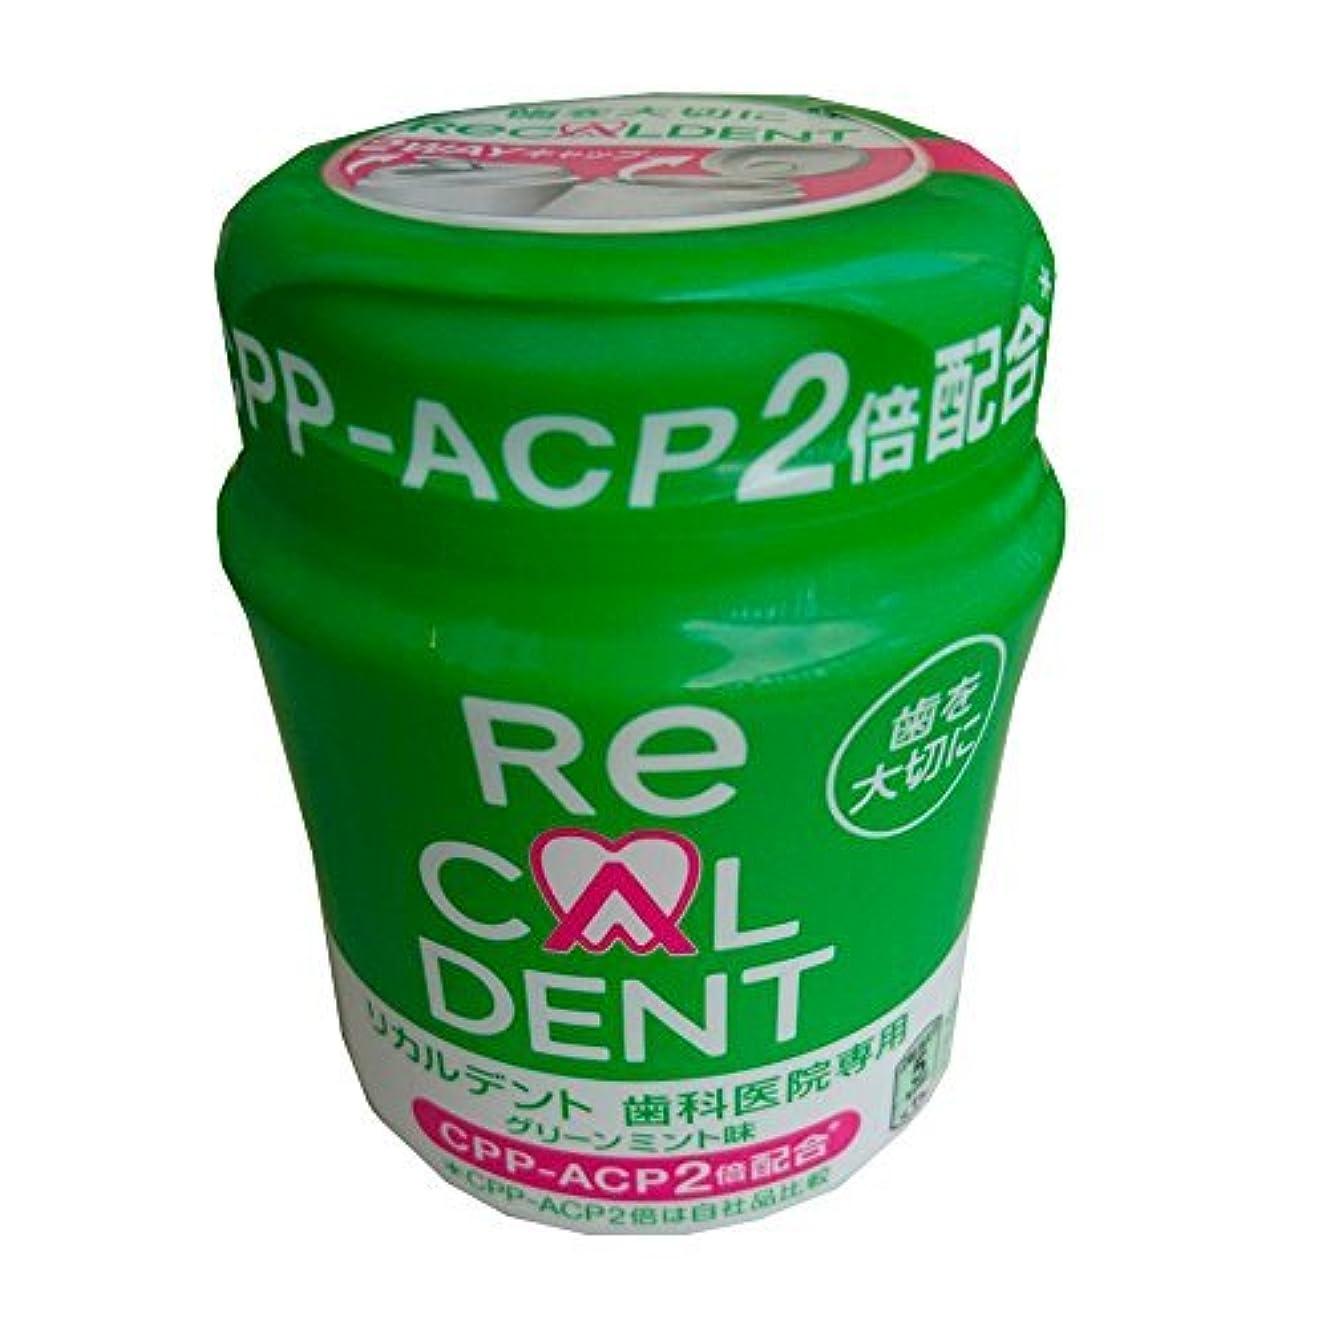 公使館ボルト安定した歯科医院専用 リカルデントガム グリーンミント味 140gボトル 1個